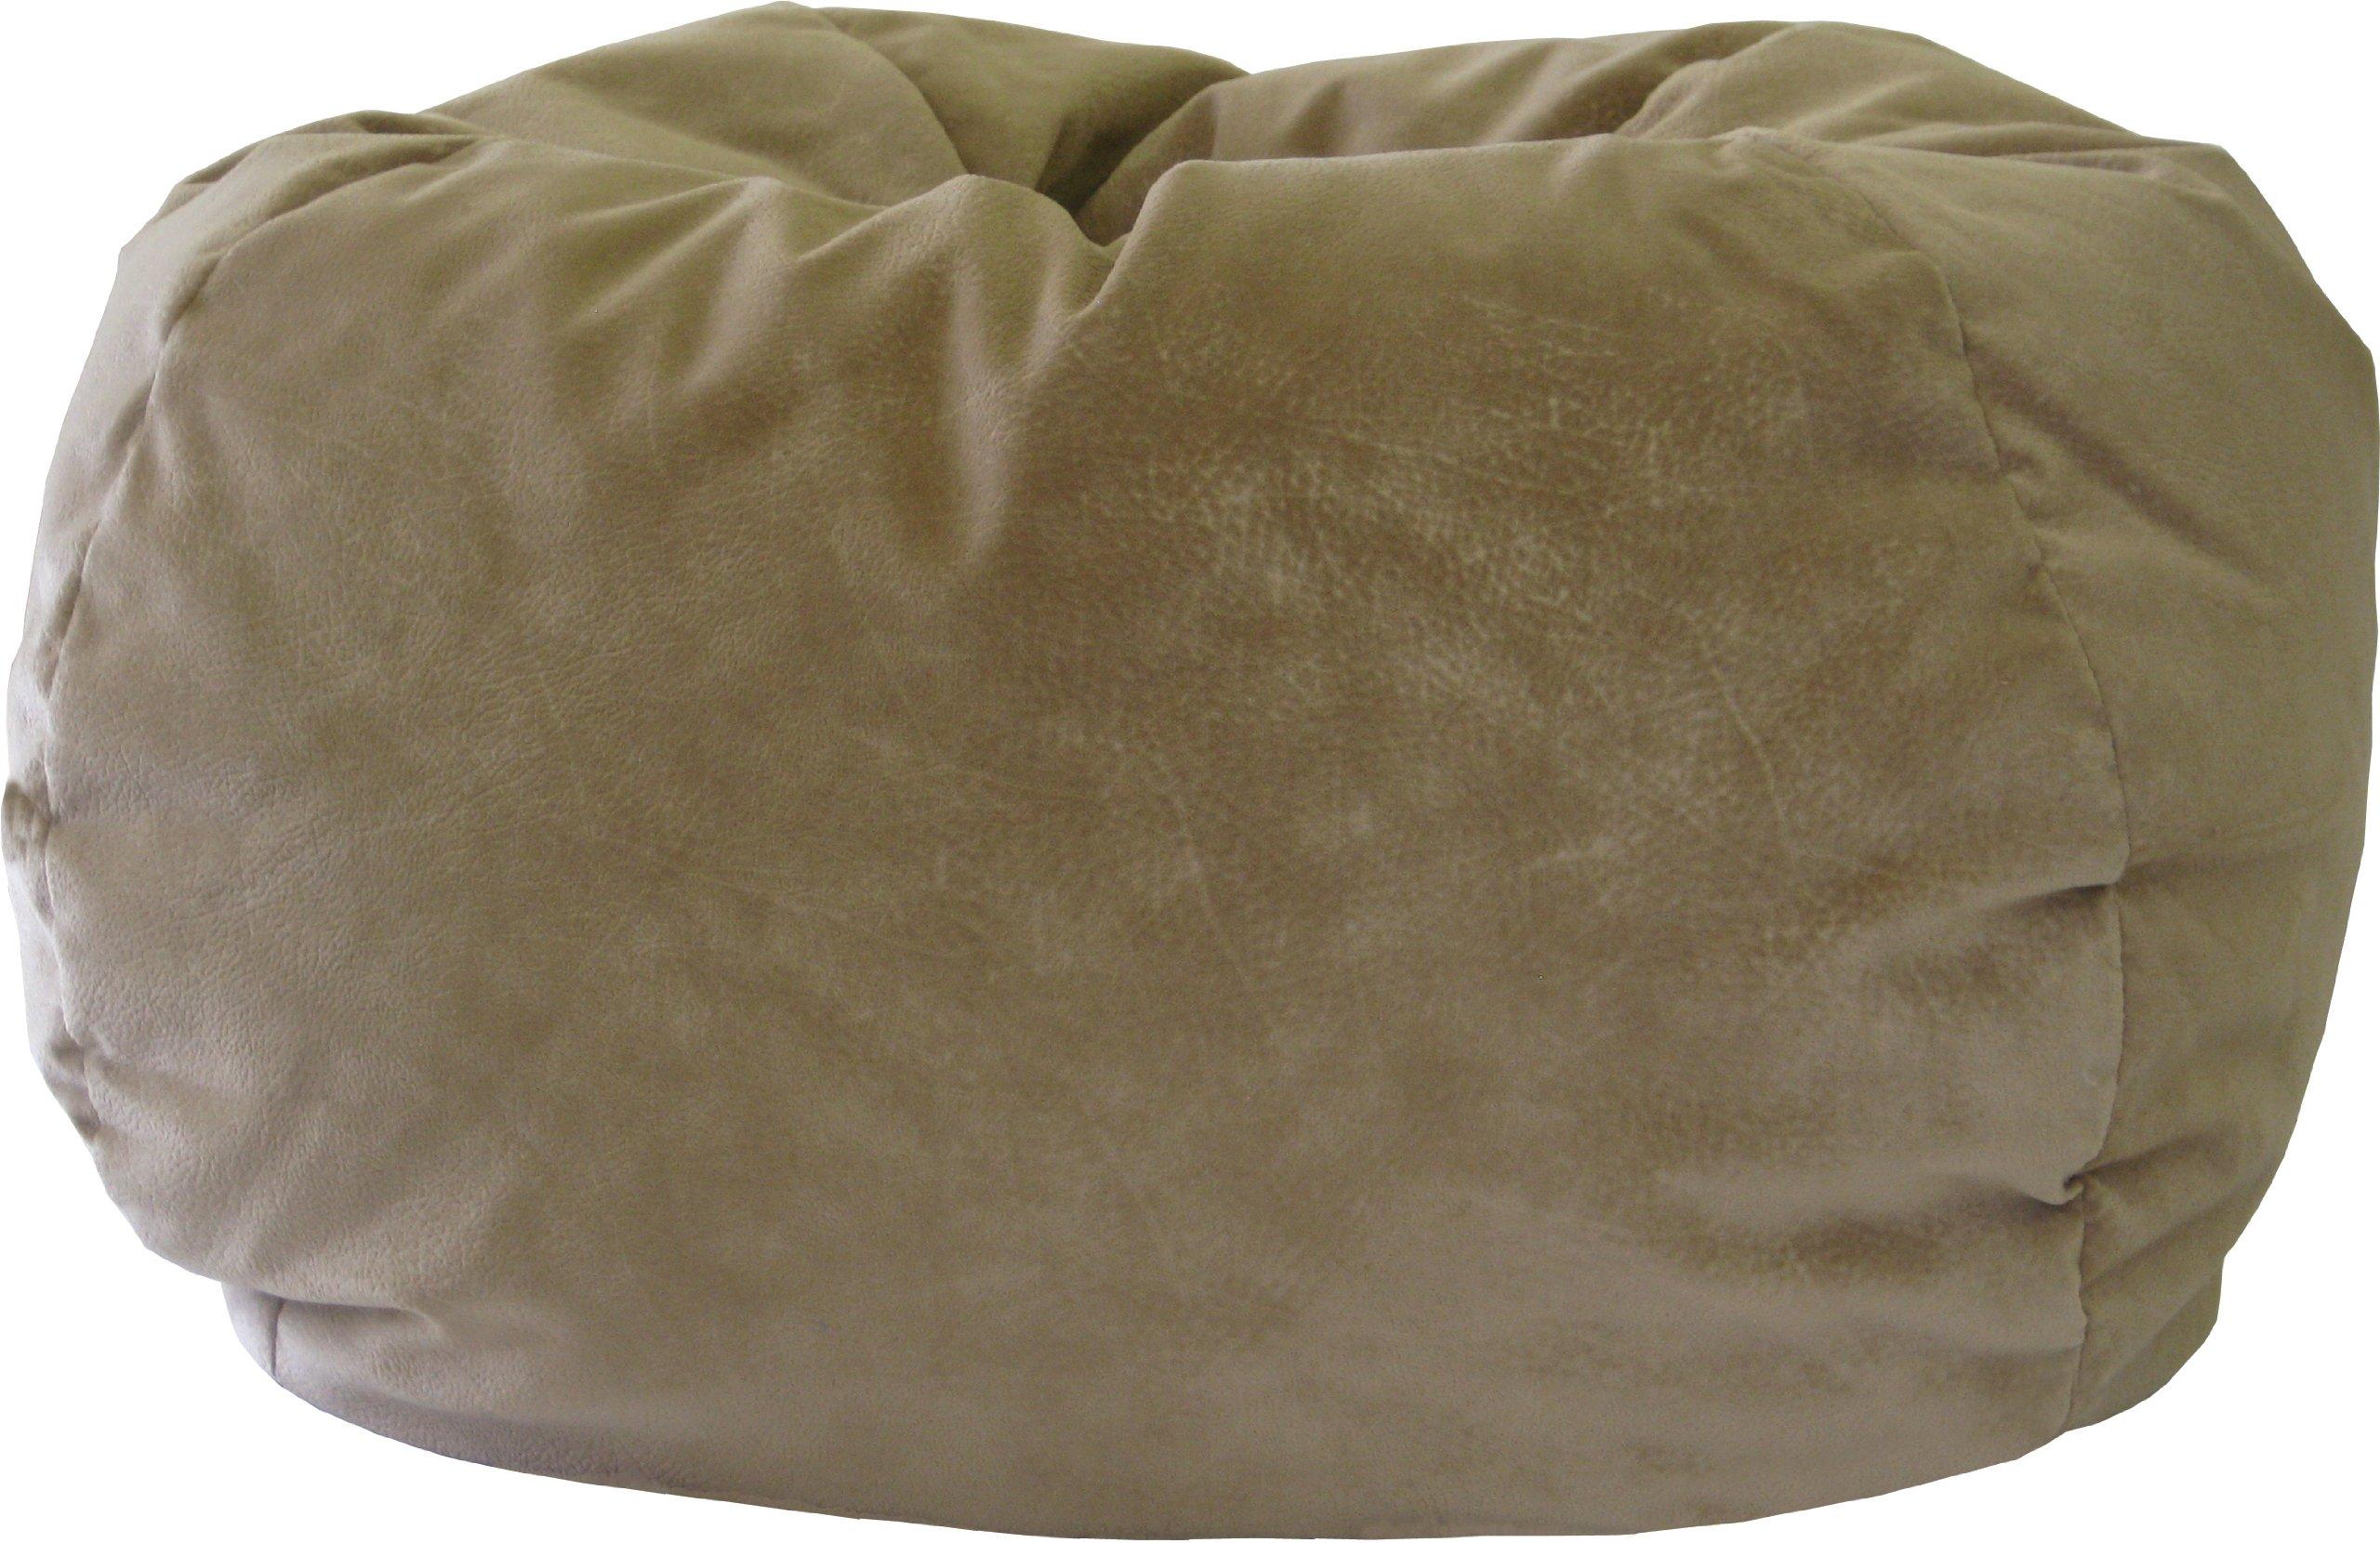 Gold Medal Bean Bags 30014058909 XX-Large Fairview Suede Bean Bag, Buff